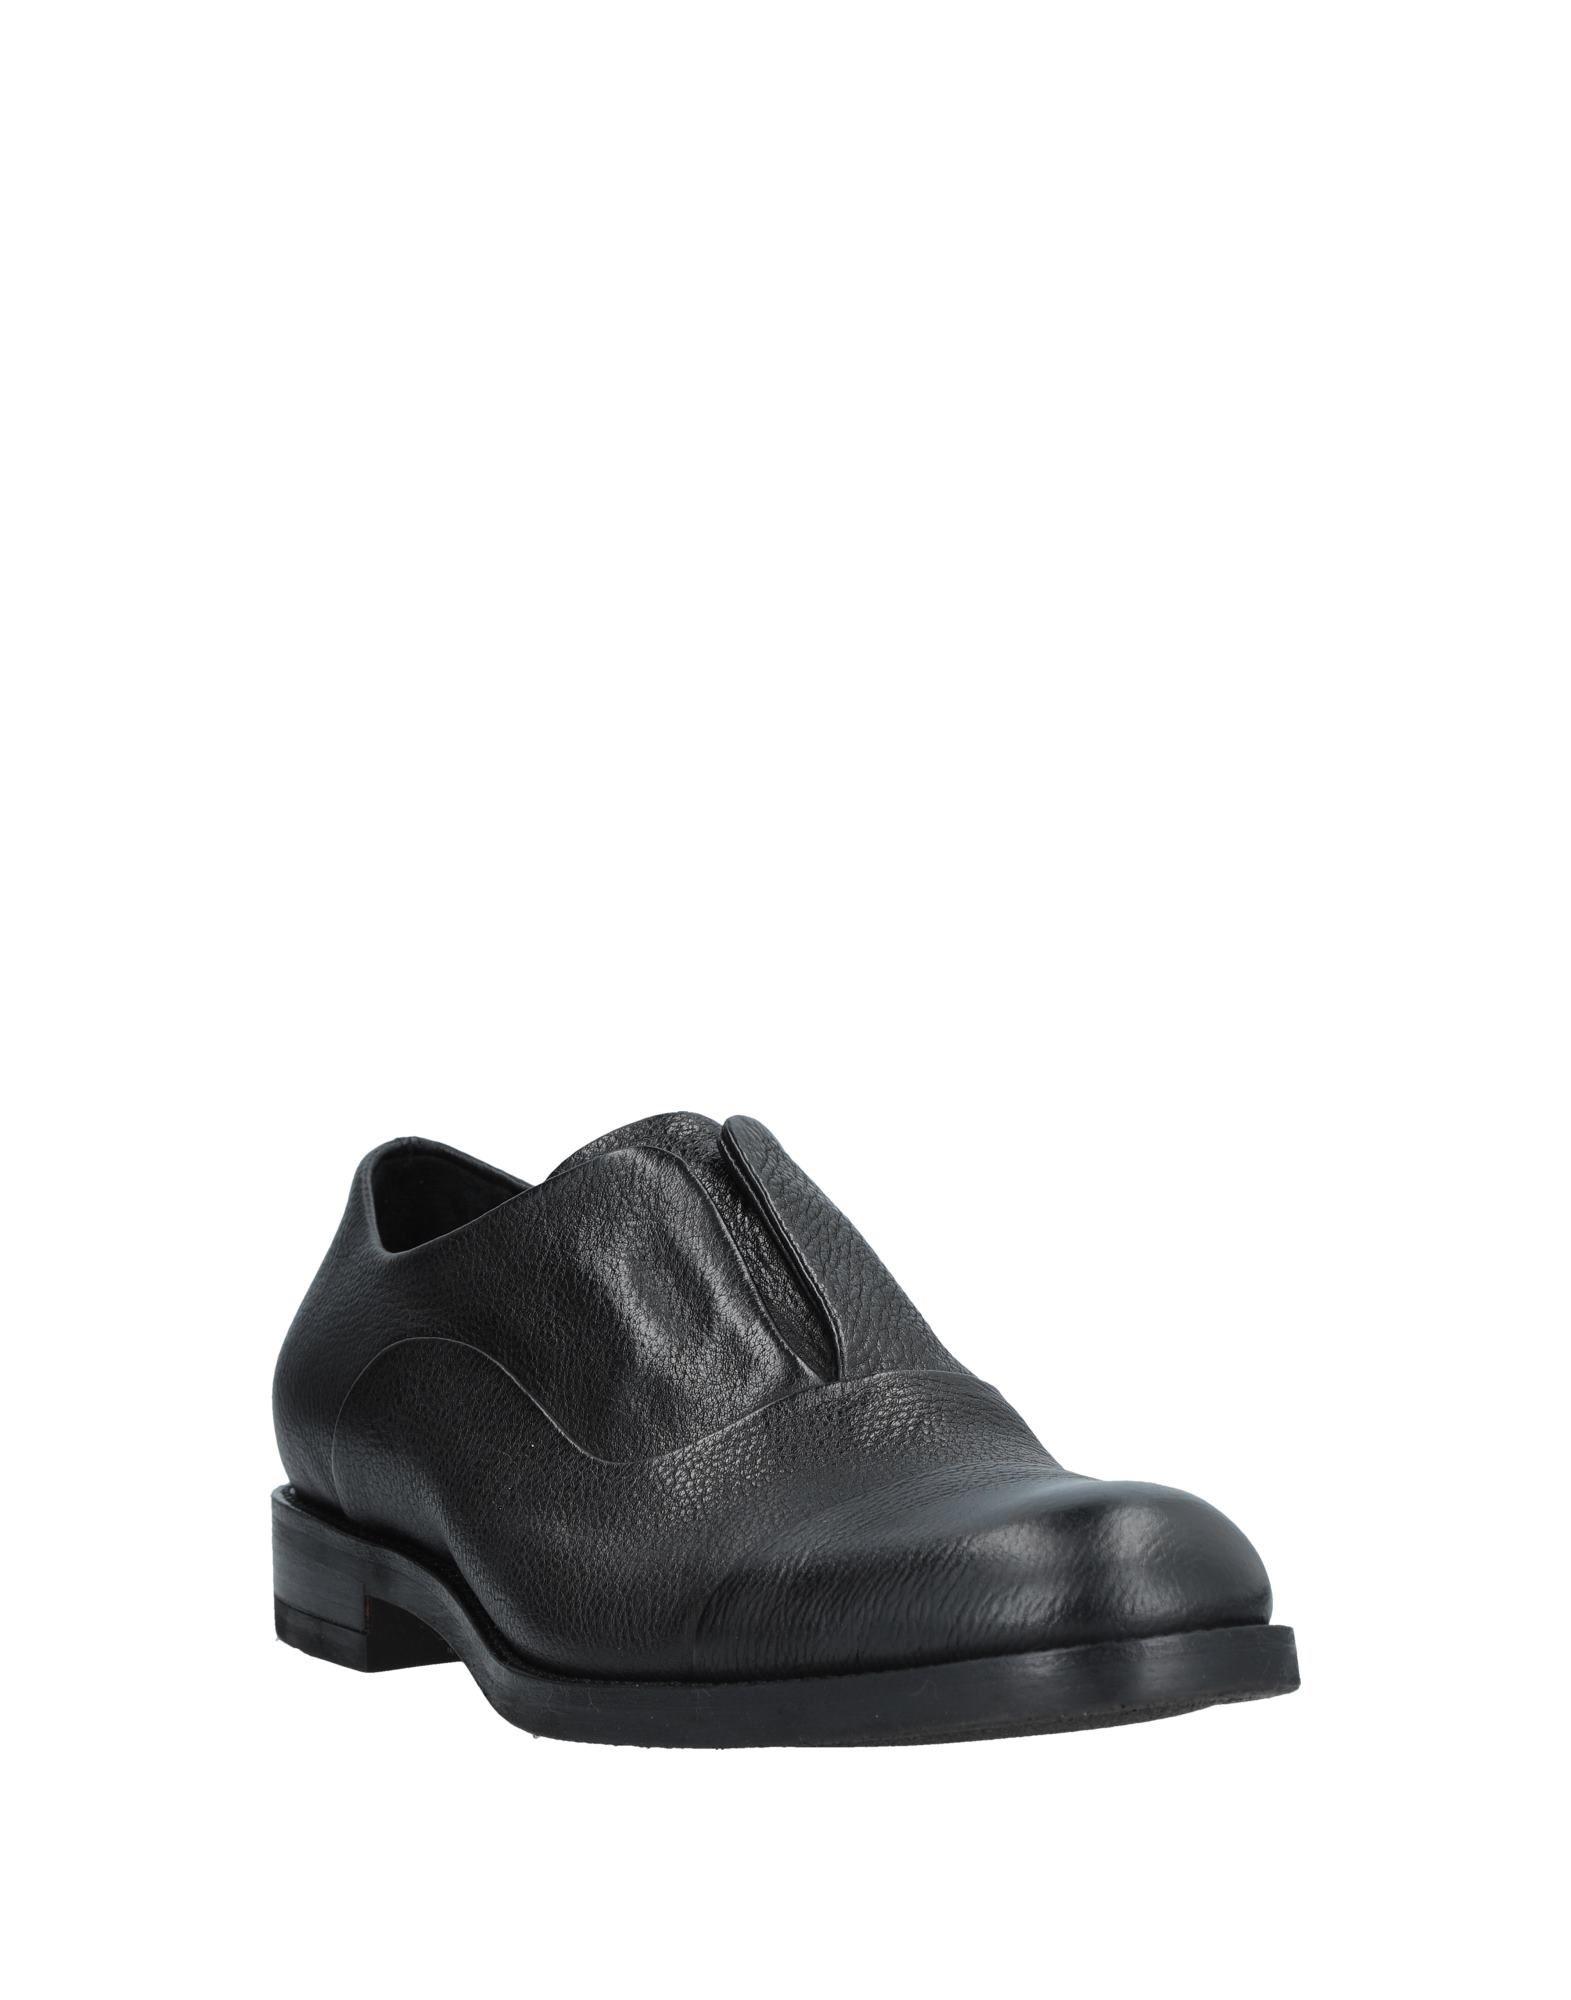 John Varvatos Mokassins Herren beliebte  11535912IJ Gute Qualität beliebte Herren Schuhe d623d9